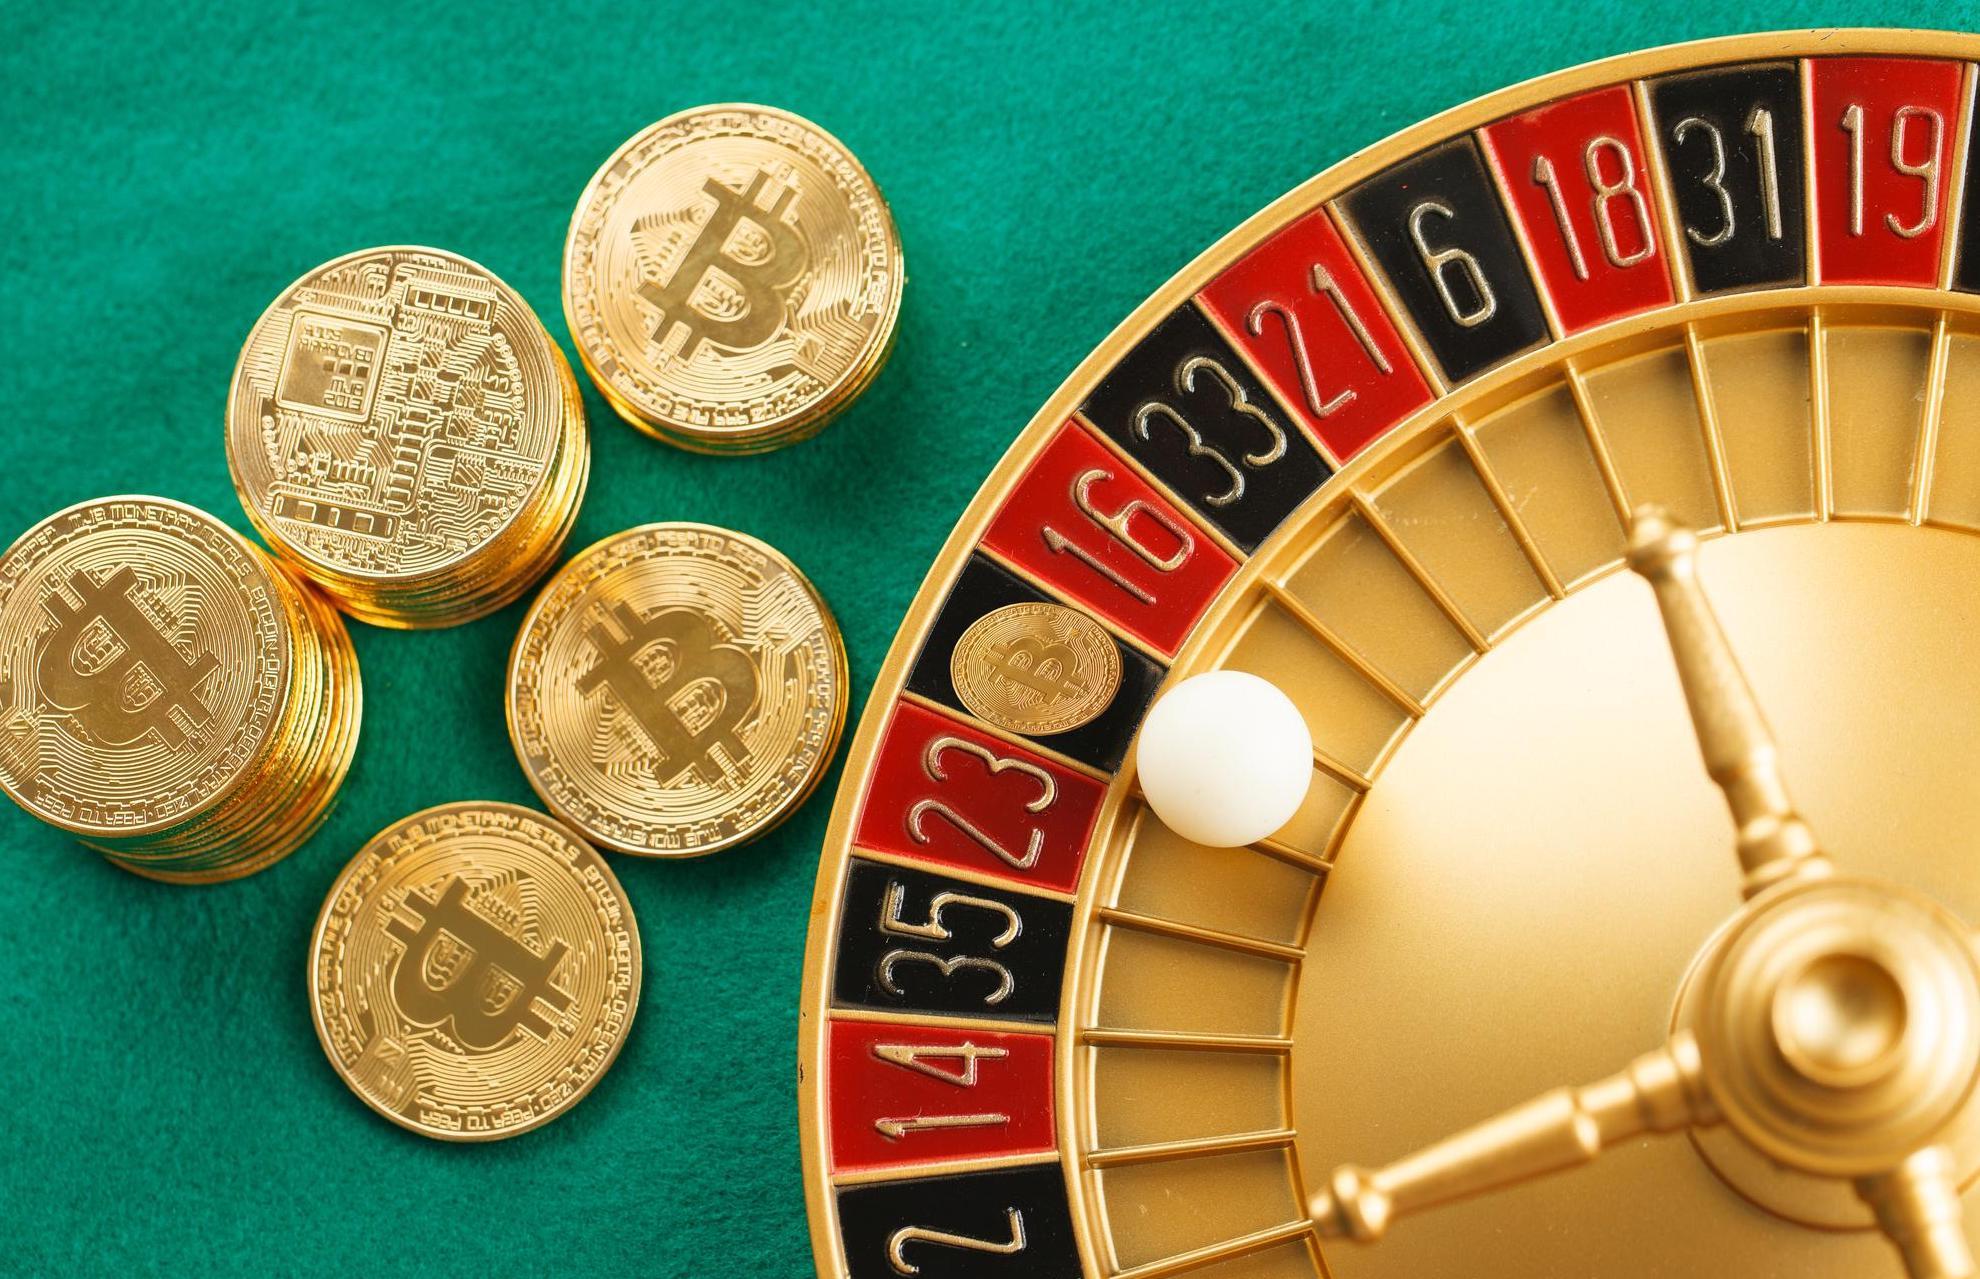 ingyenes bitcoin kaszinó hogyan kell kereskedni bitcoin a cboe-on